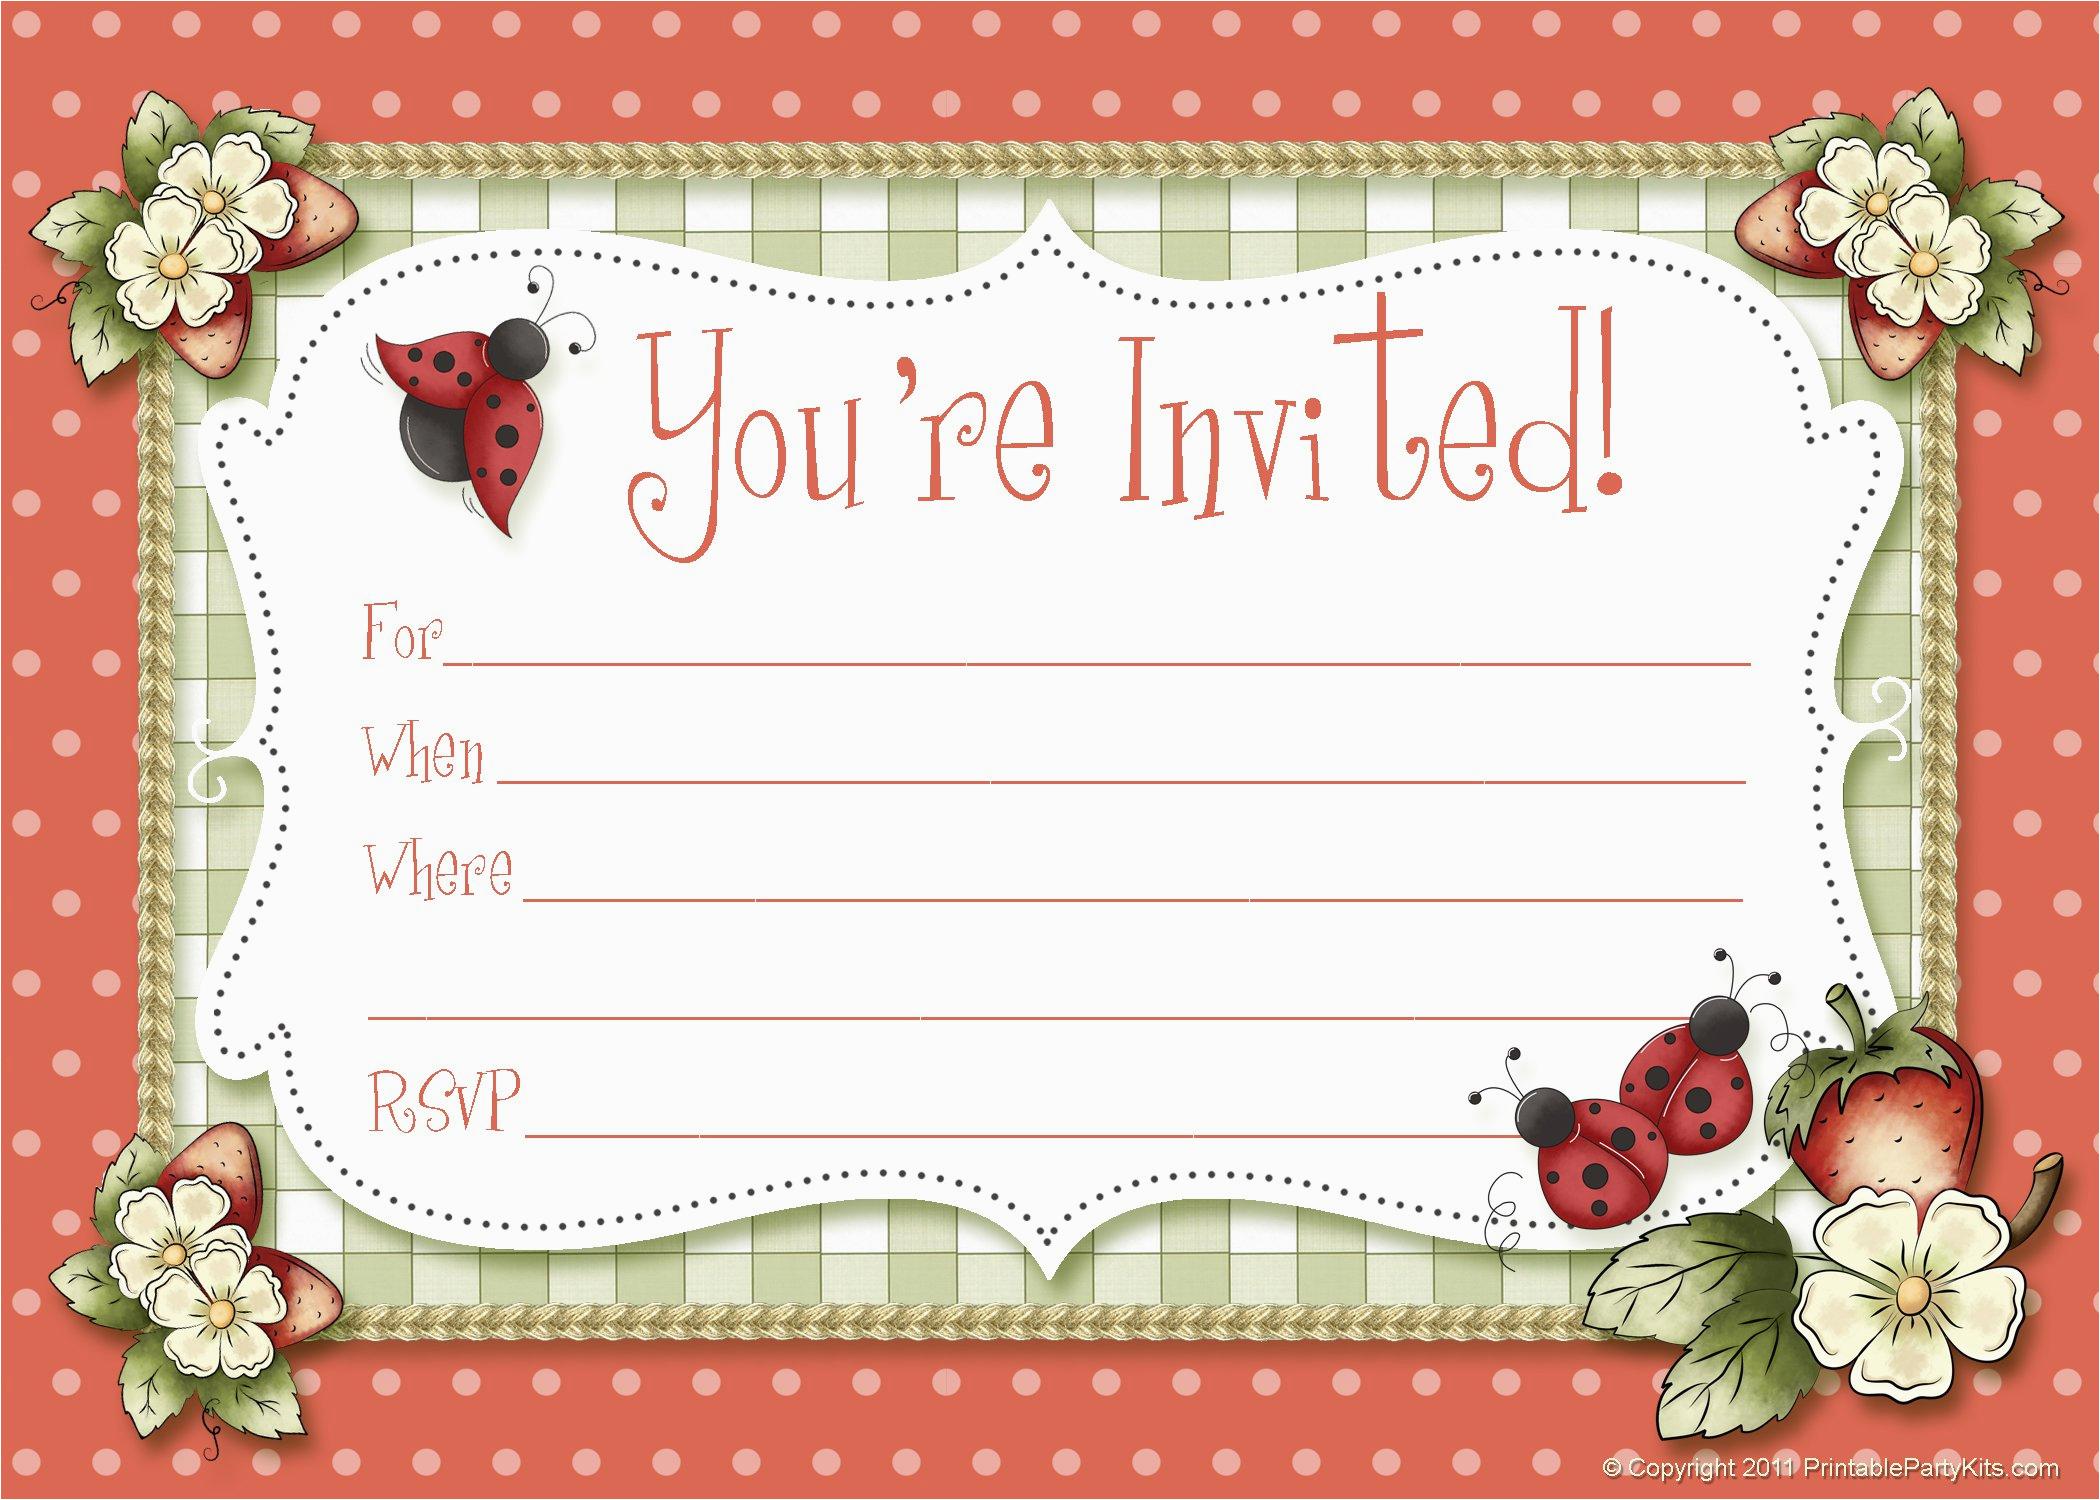 Free Online Birthday Invitations Maker Custom Invitation